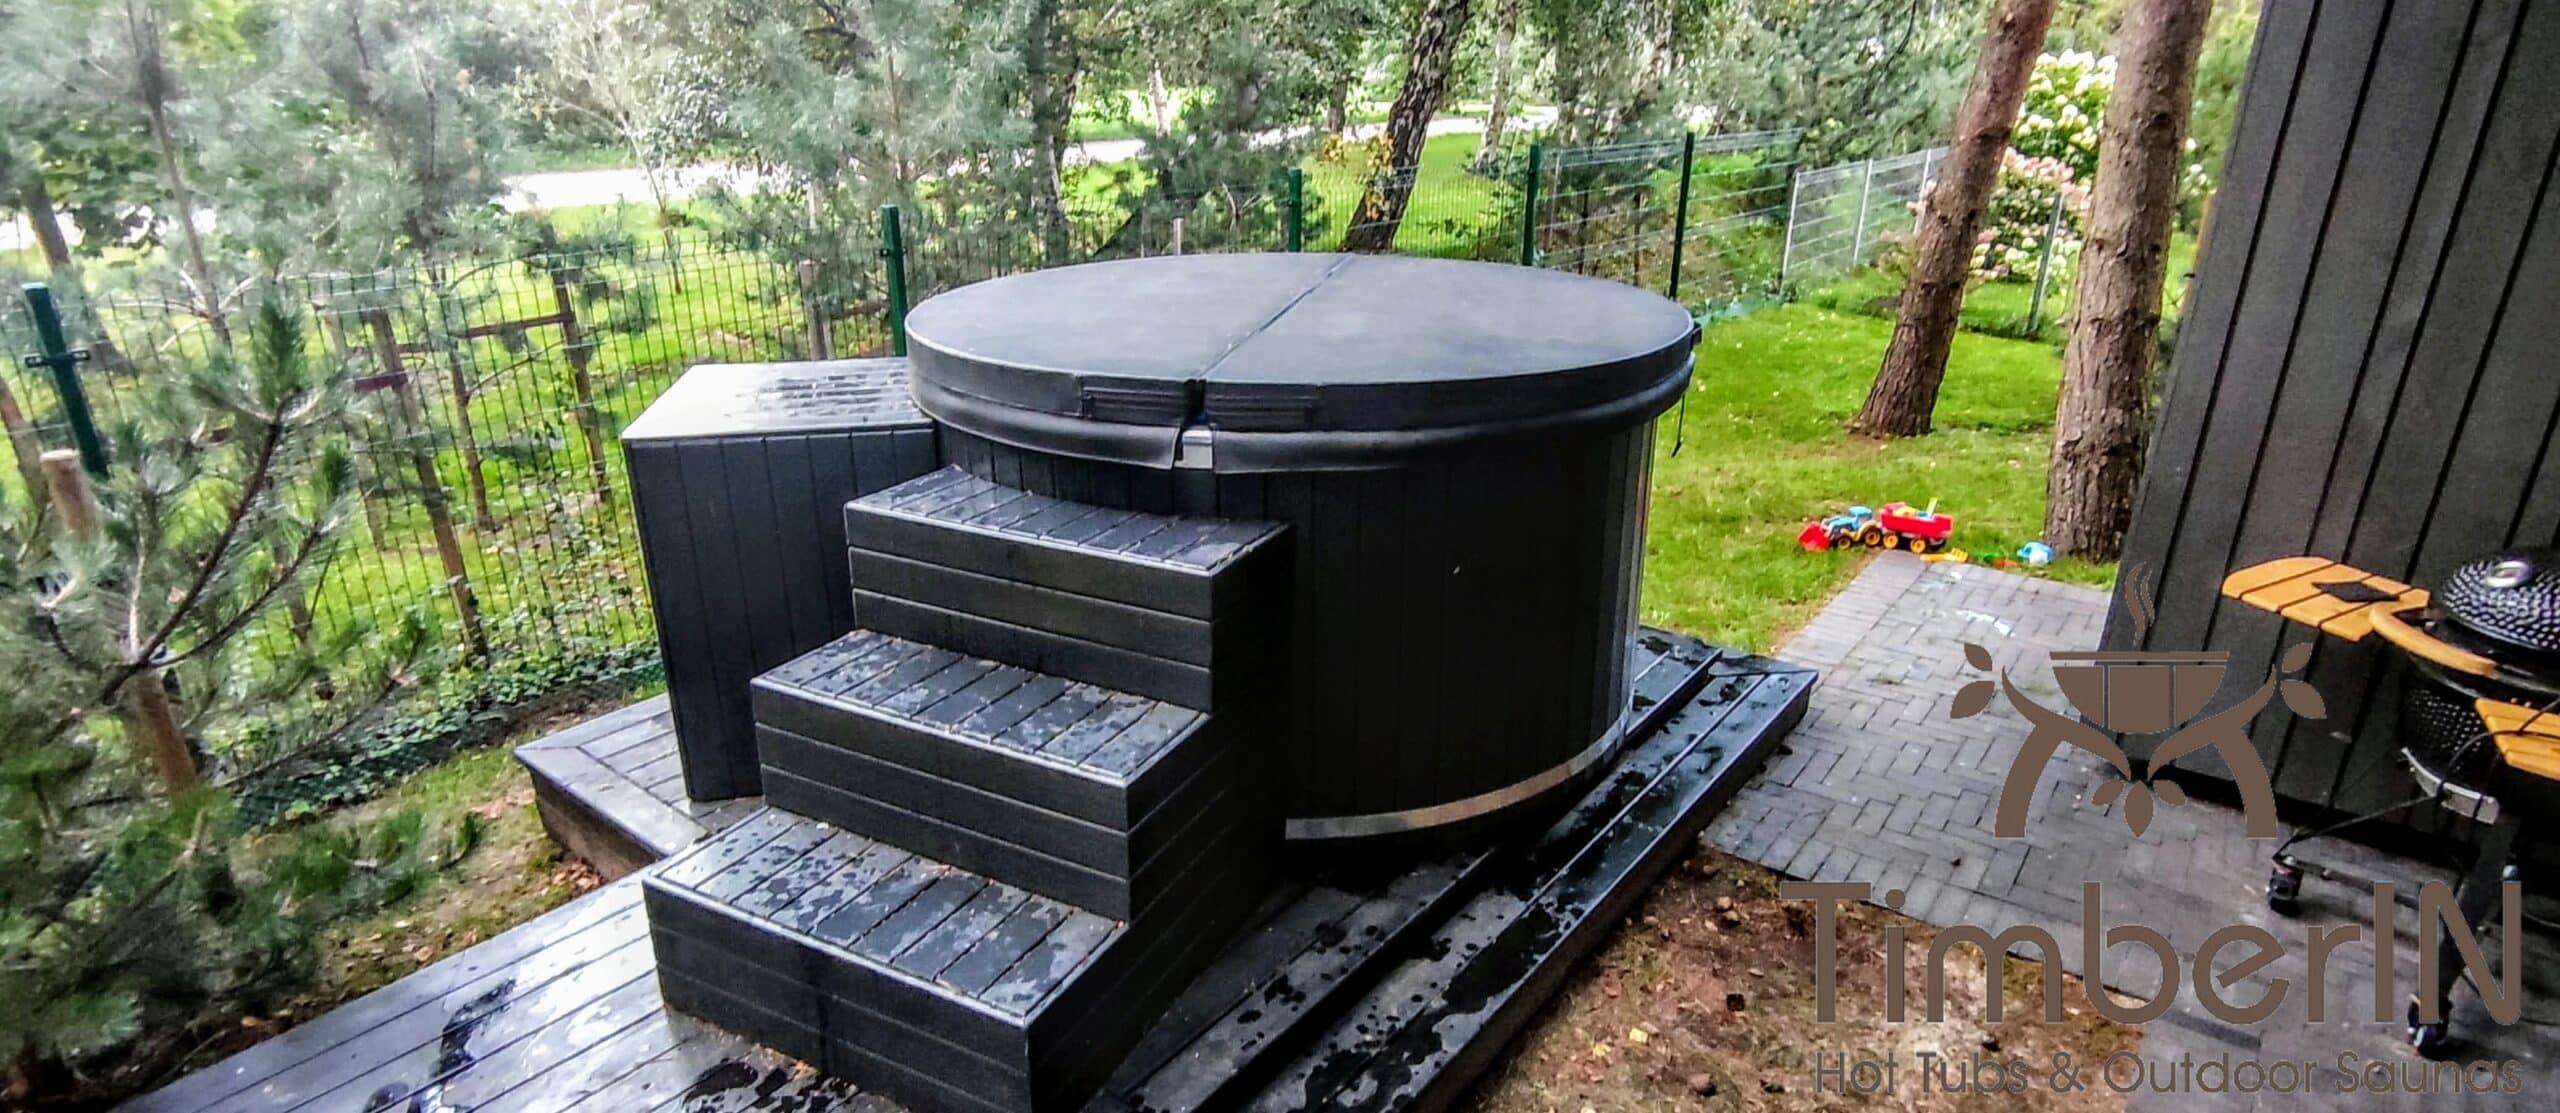 Badezuber elektrisch beheizt mit Elektroheizung 6 scaled